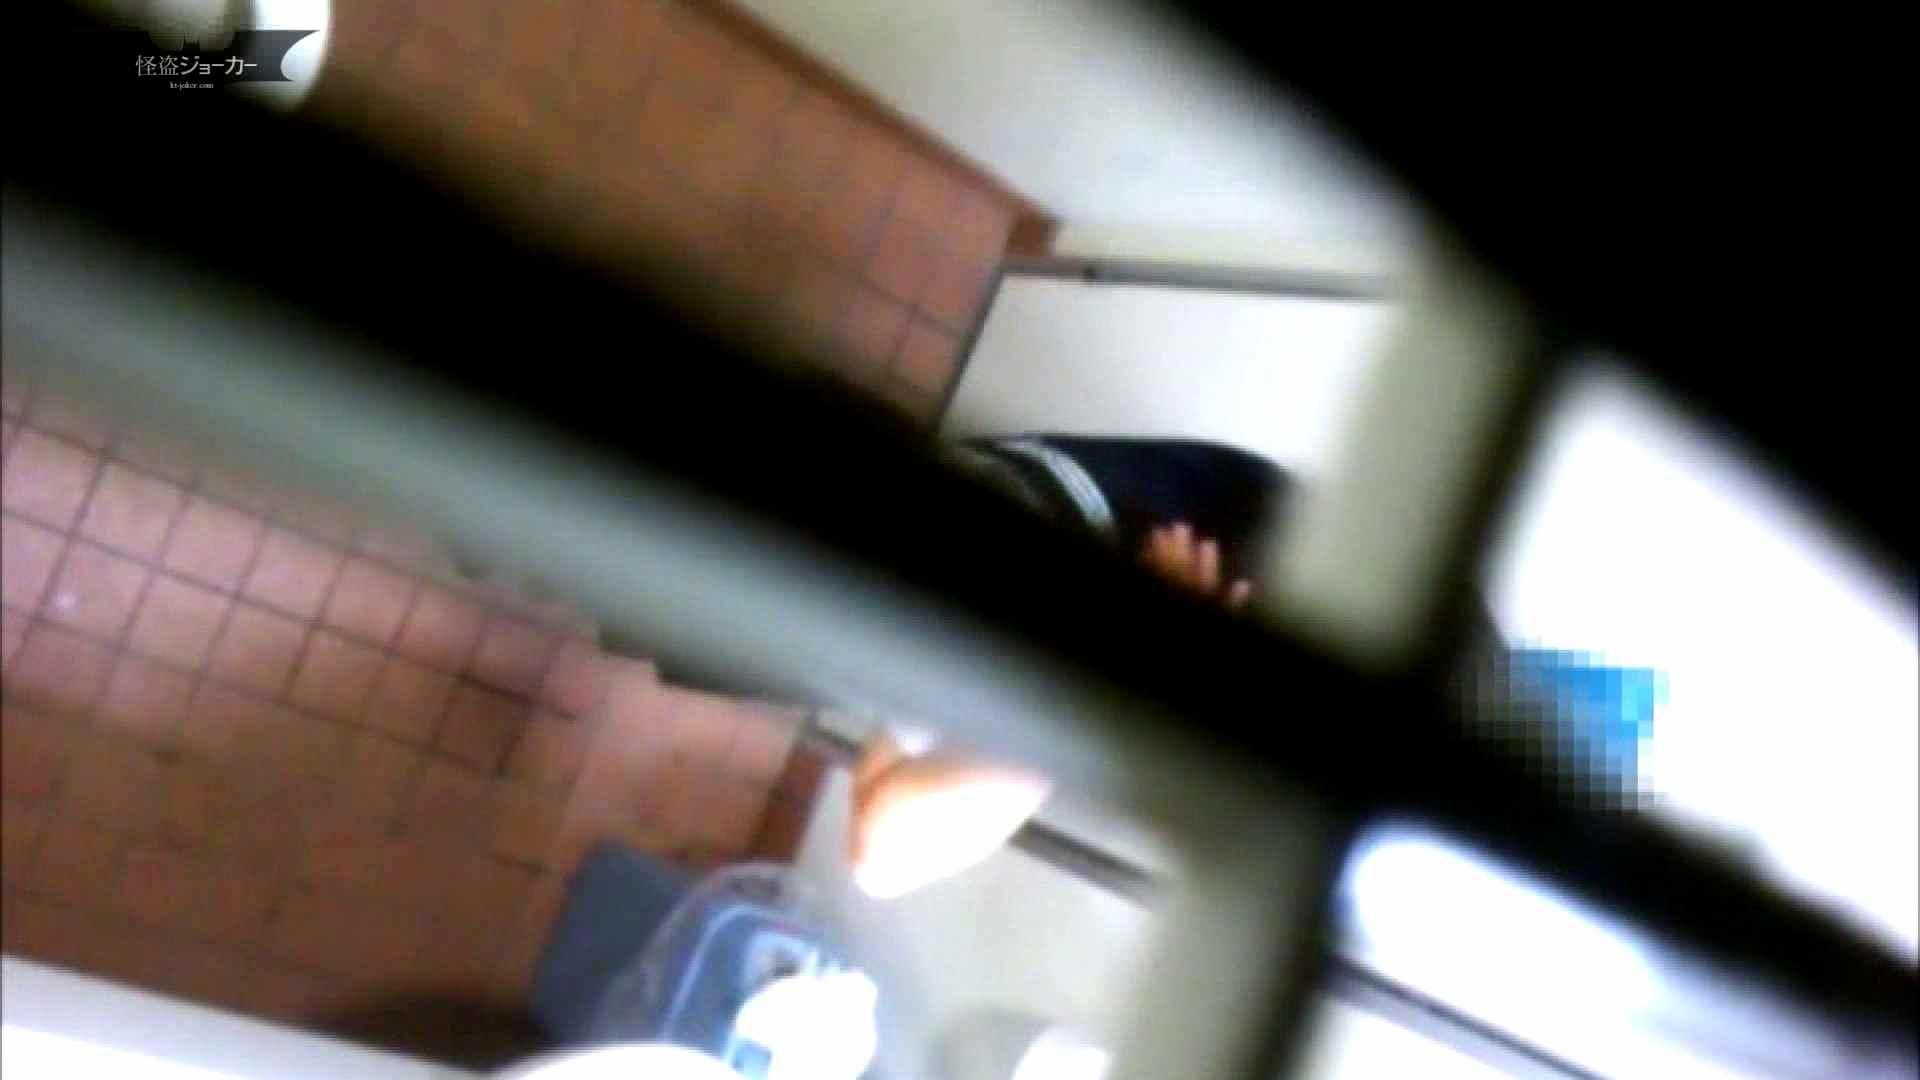 店長代理の盗撮録 Vol.02 制服ばかりをあつめてみました。その2 OL | 盗撮エロすぎ  86連発 13